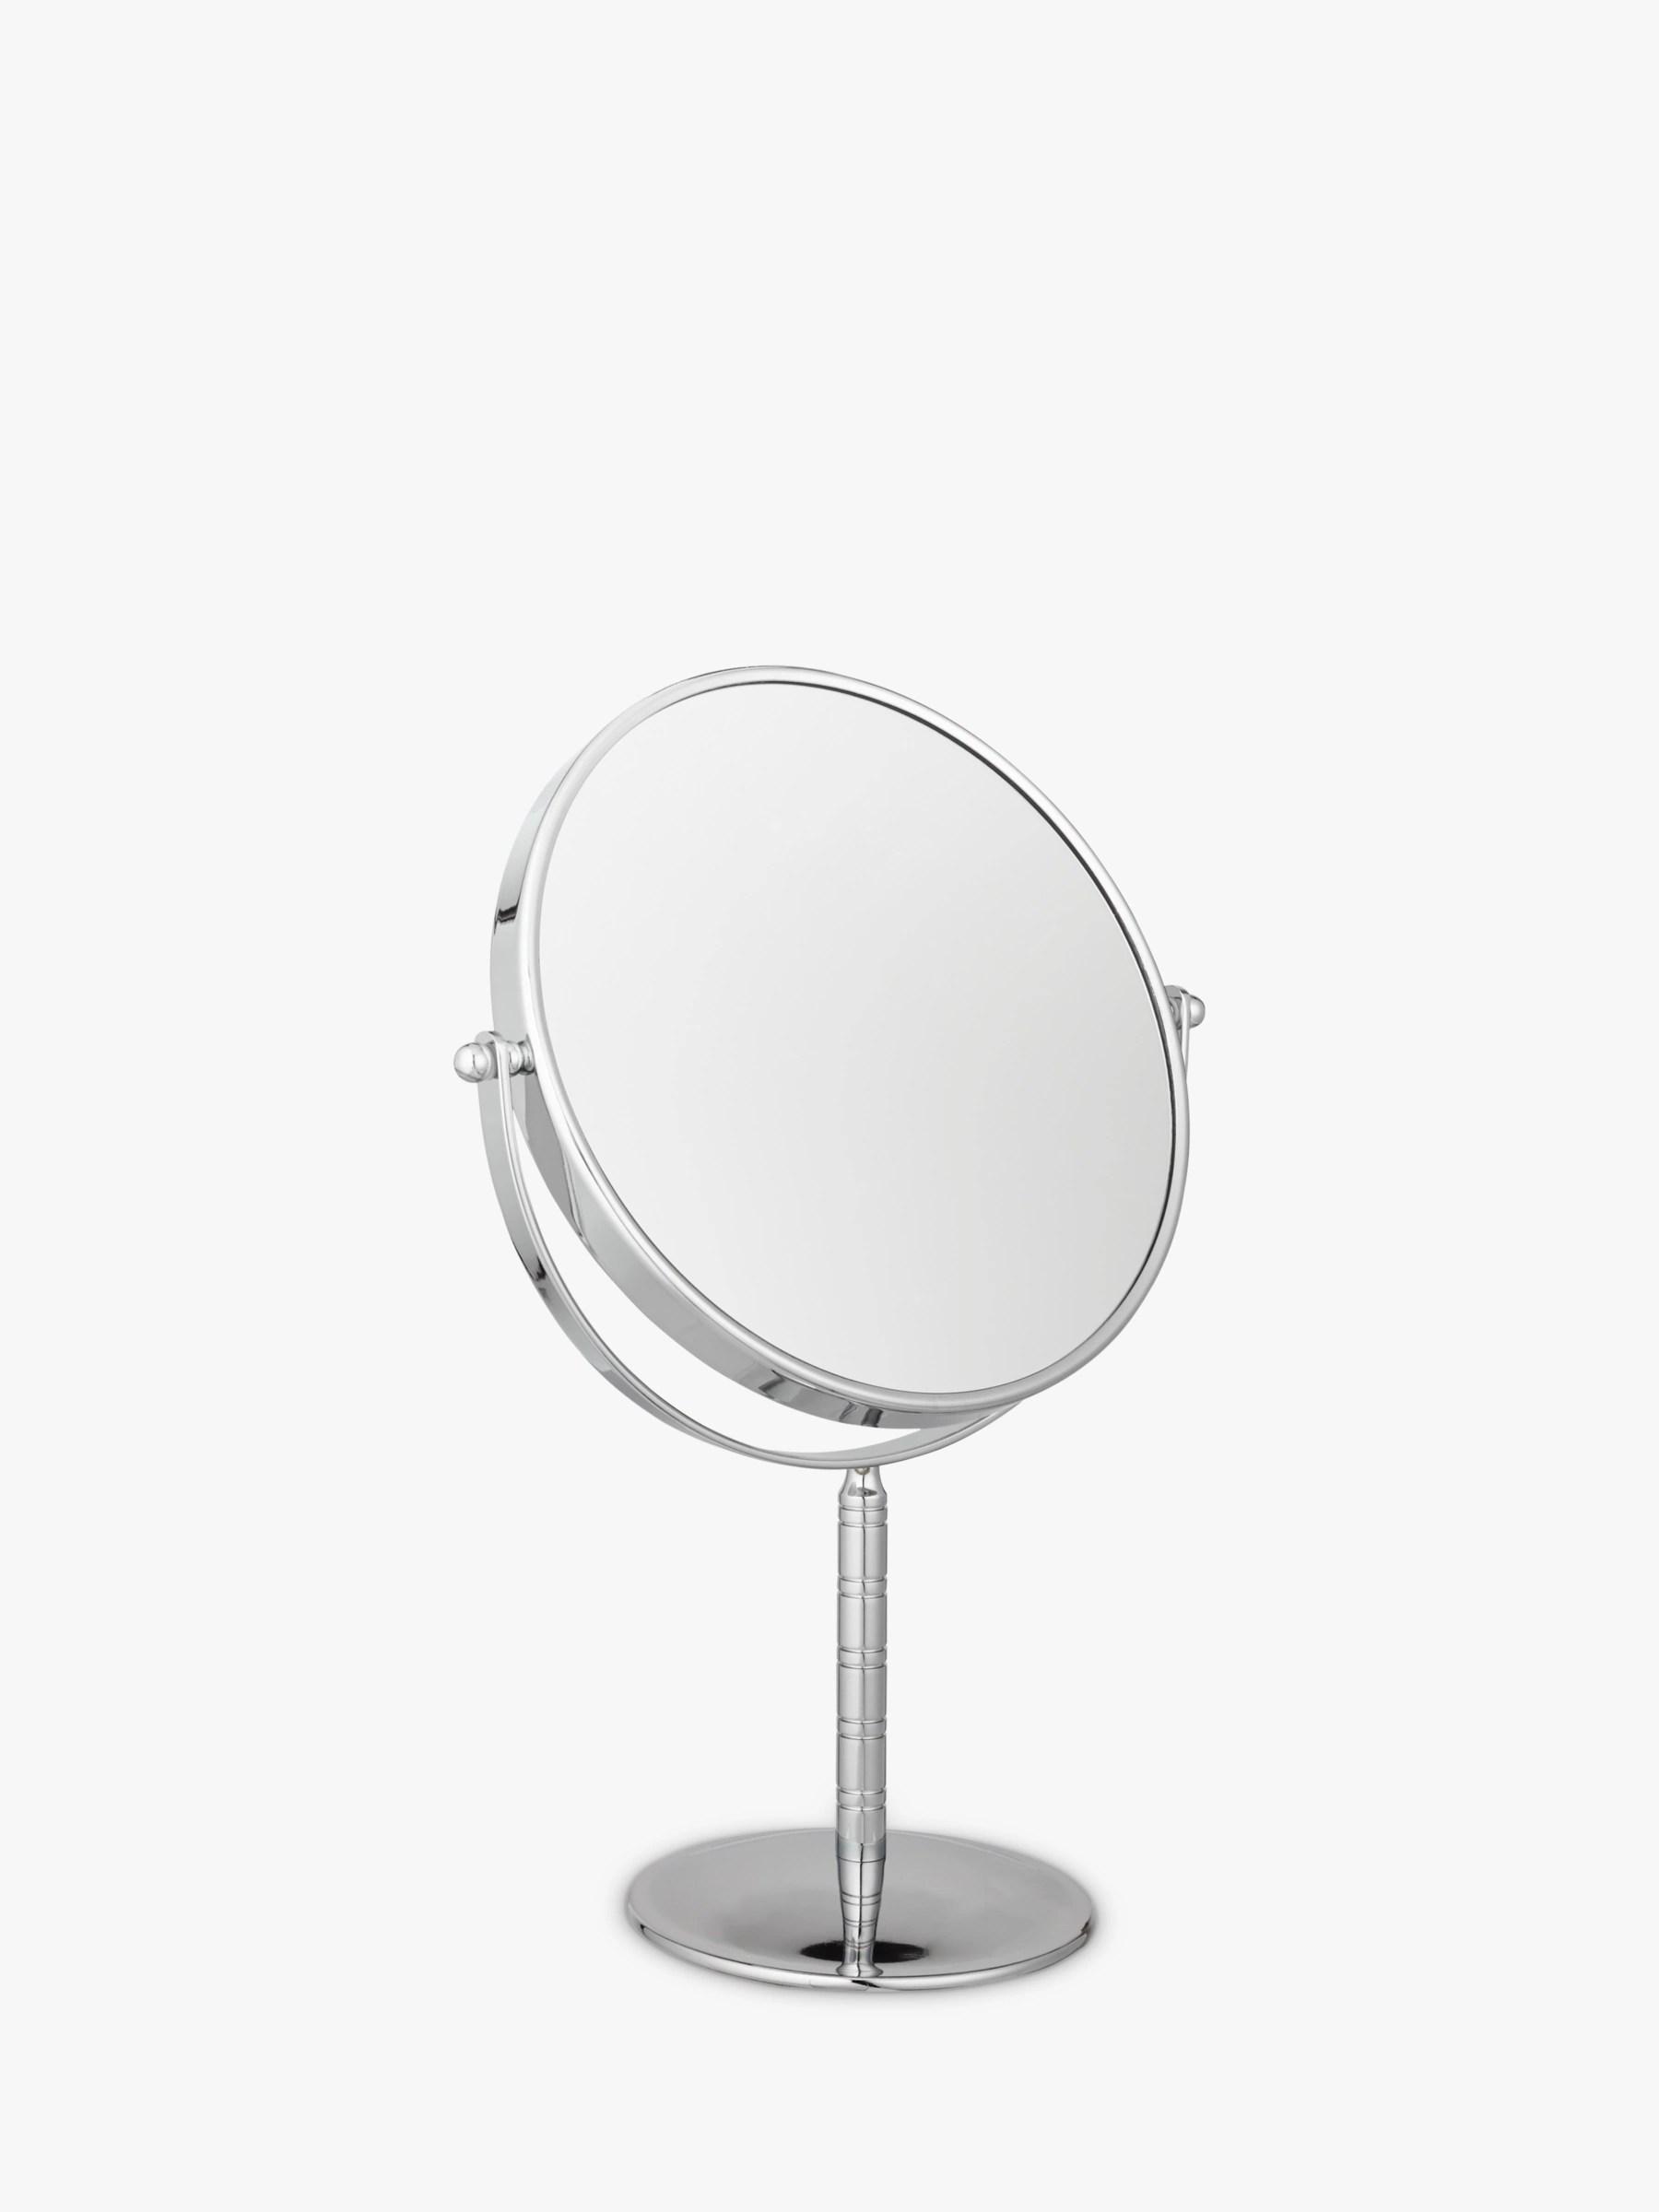 Buy John Lewis Chrome Stand 7 x Magnifying Mirror Dia